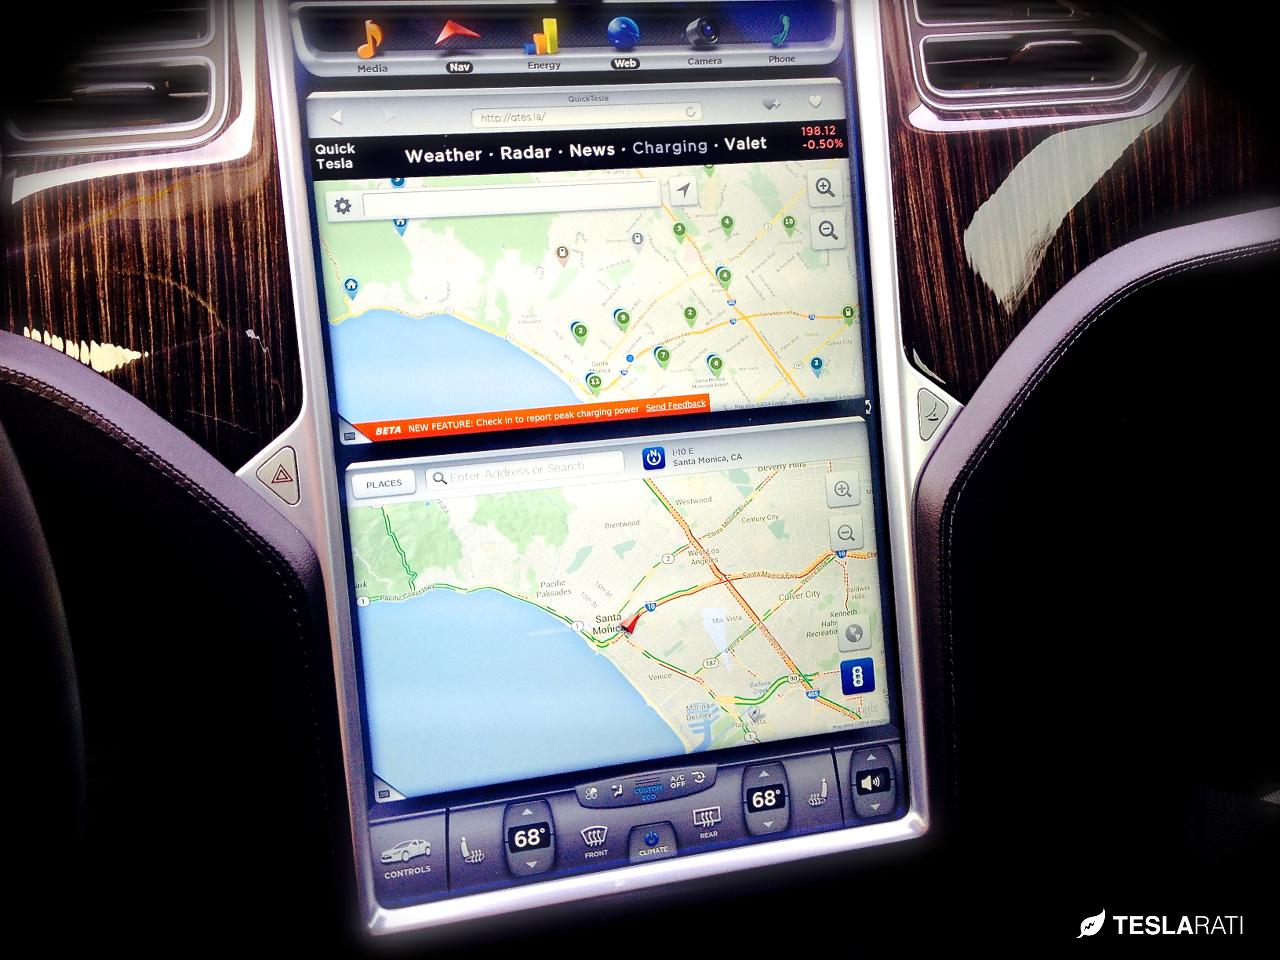 Tesla-Touchscreen-Recargo-Google